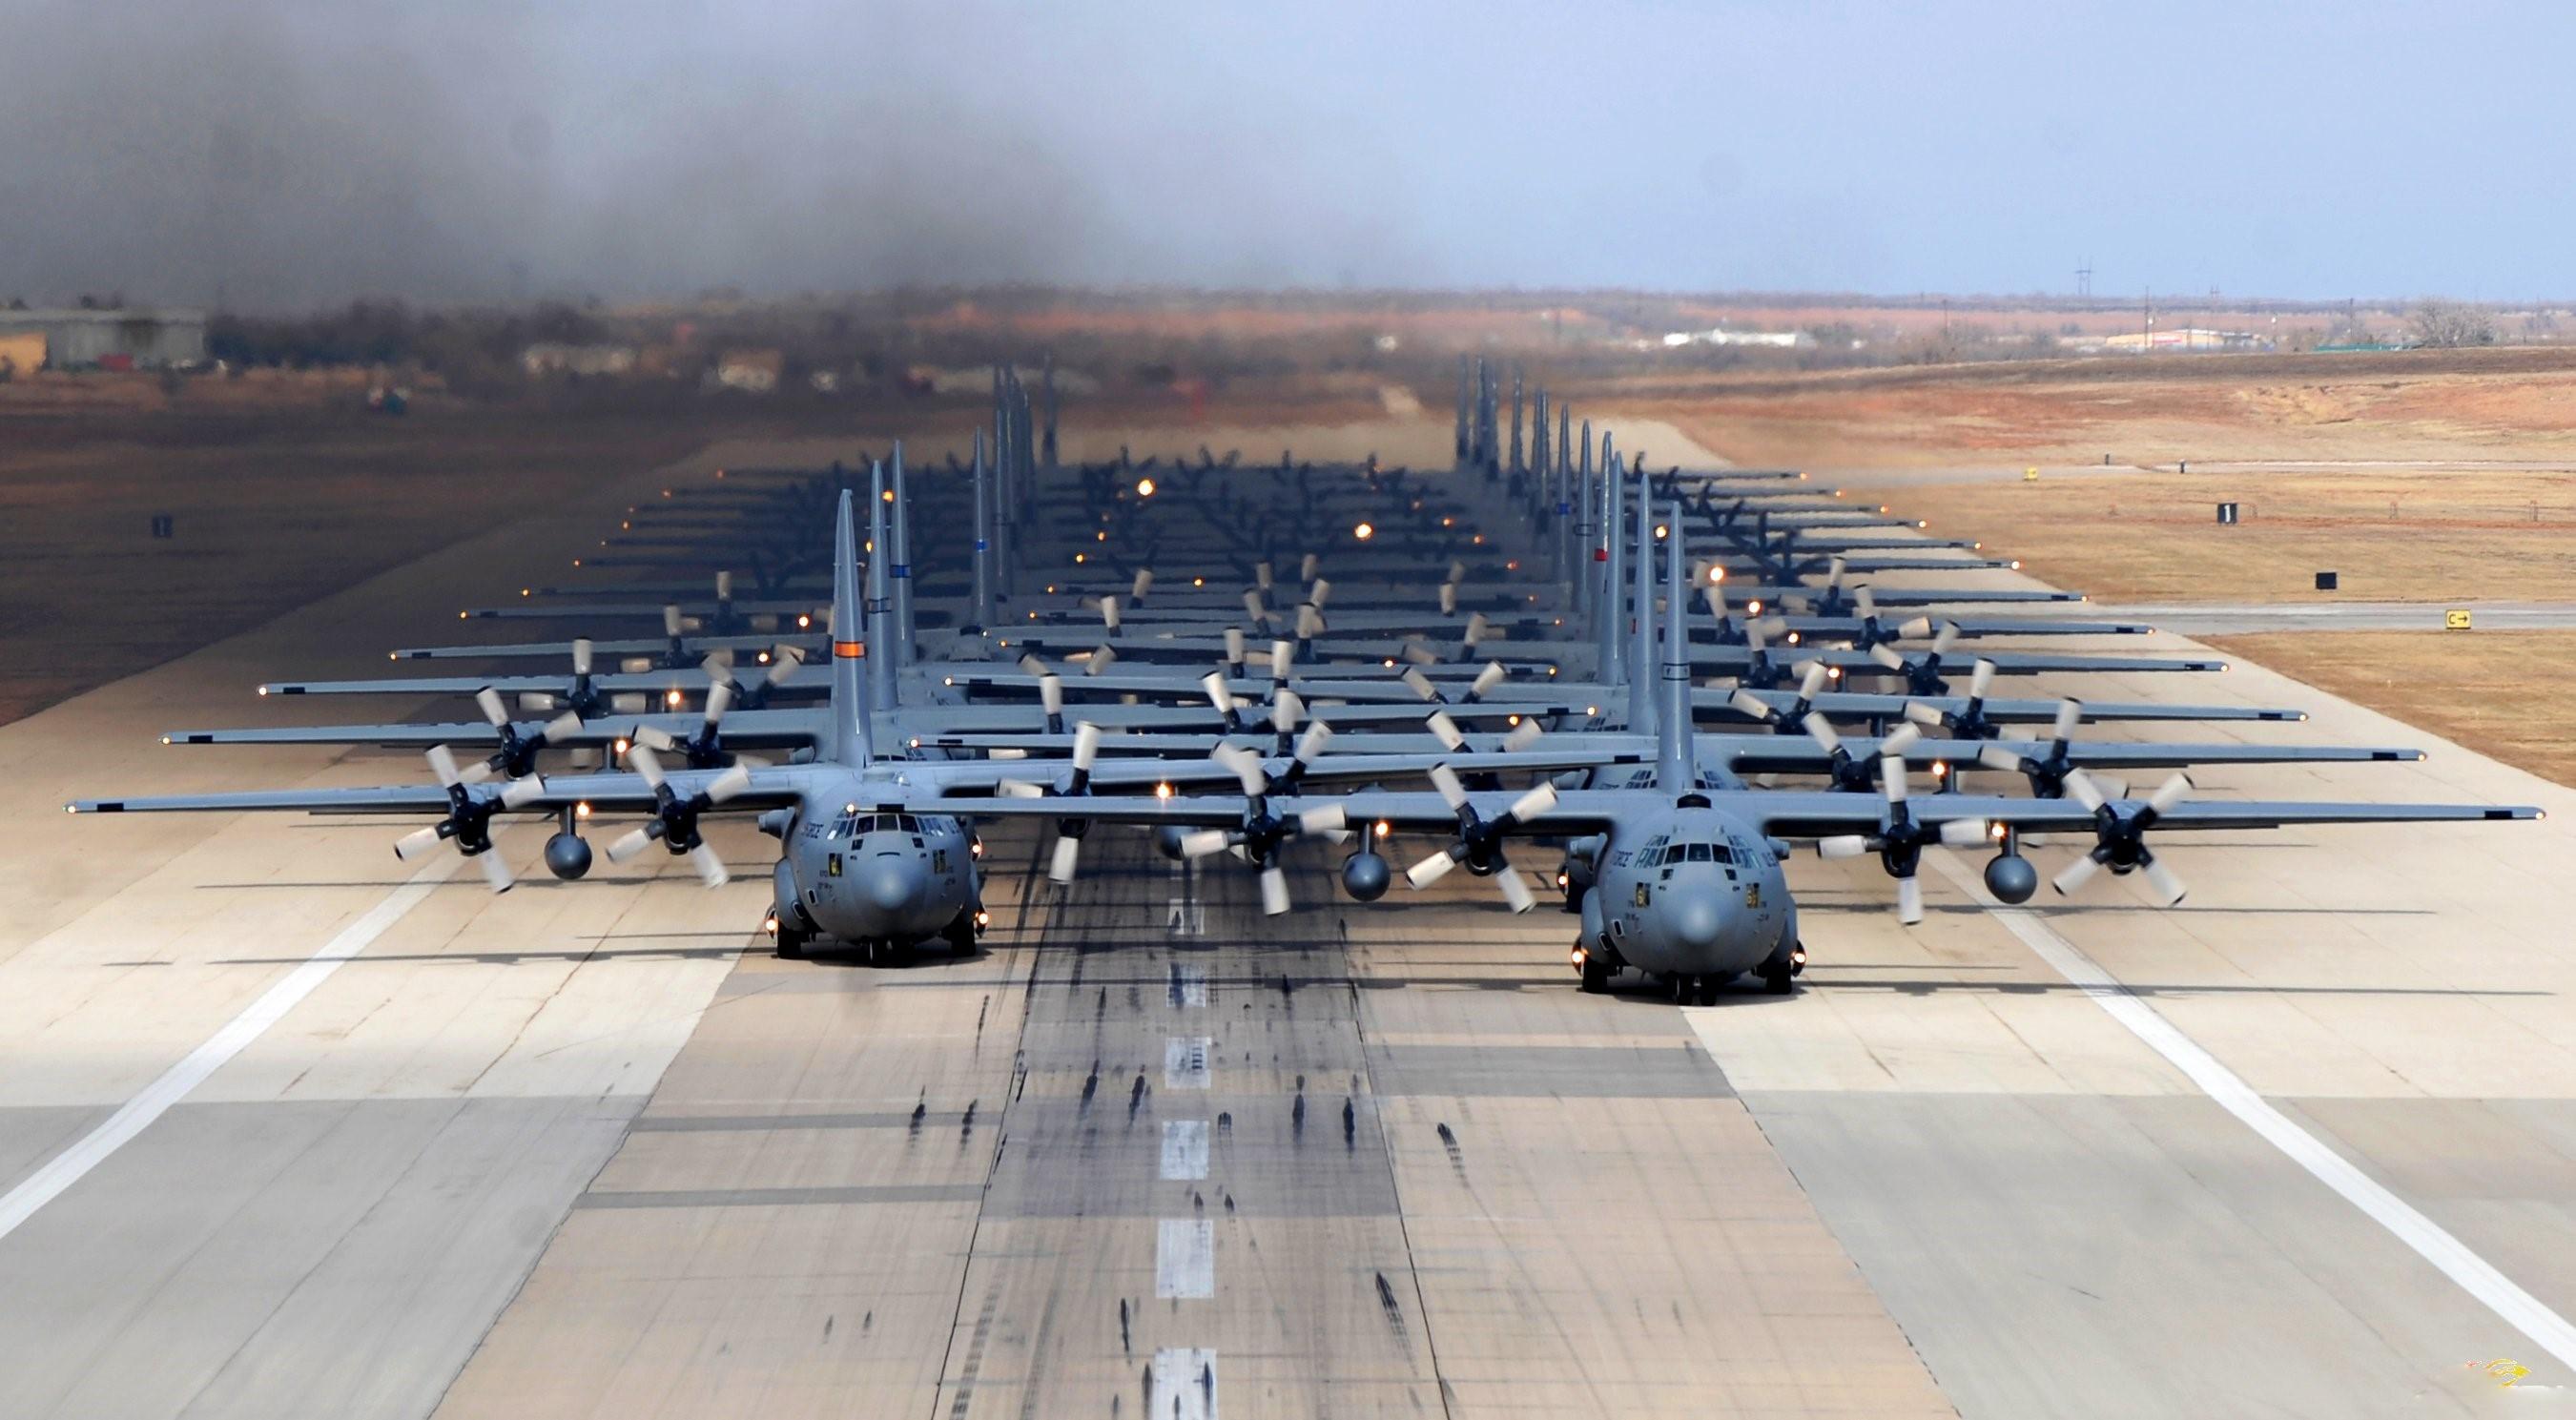 東部沿海上空,美特種兵從飛機上意外墜落,演習變成搜救實戰_訓練